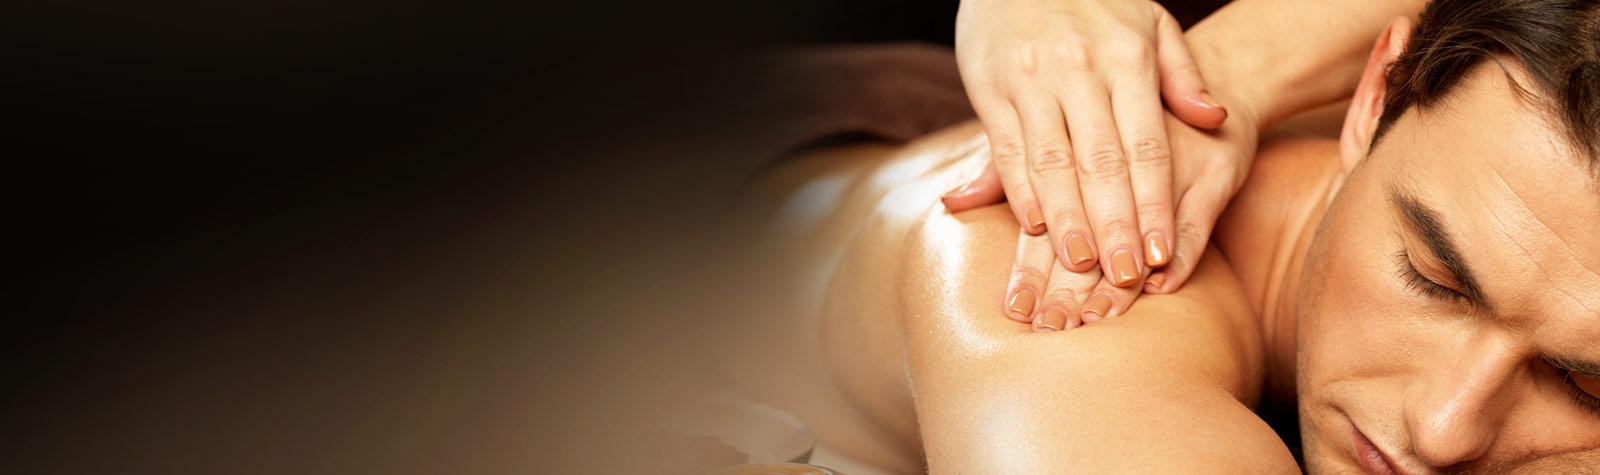 Massage Studio Nashua NH